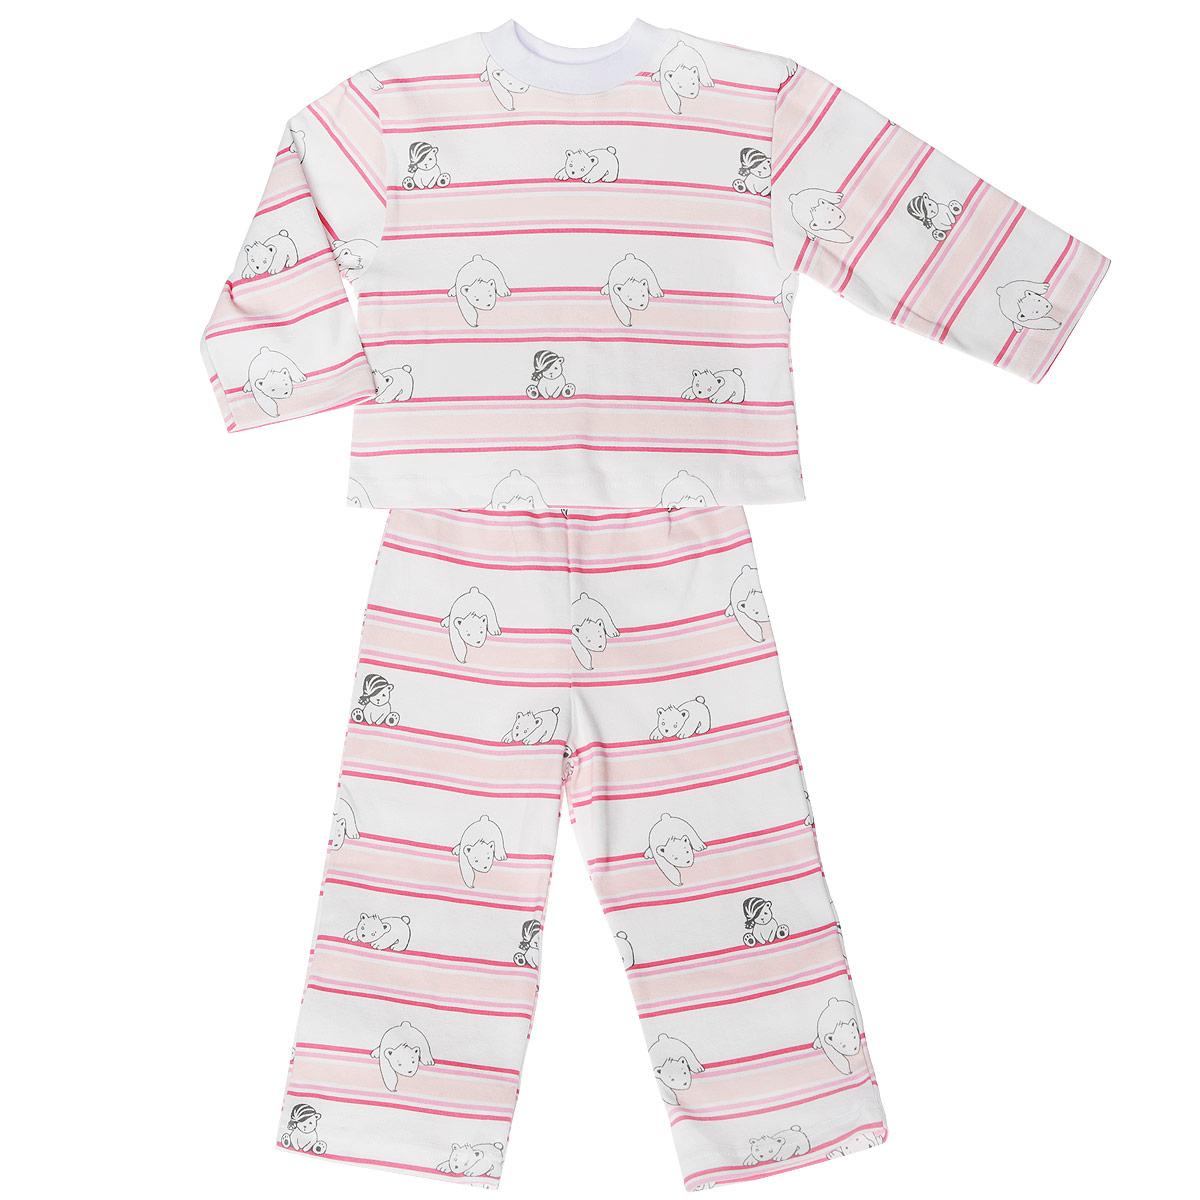 Пижама детская. 5584_мишка, полоска5584_мишка, полоскаУютная детская пижама Трон-плюс, состоящая из джемпера и брюк, идеально подойдет вашему ребенку и станет отличным дополнением к детскому гардеробу. Изготовленная из натурального хлопка, она необычайно мягкая и легкая, не сковывает движения, позволяет коже дышать и не раздражает даже самую нежную и чувствительную кожу ребенка. Джемпер с длинными рукавами и круглым вырезом горловины оформлен ненавязчивым принтом в полоску, а также изображением медвежат. Вырез горловины дополнен трикотажной эластичной резинкой. Брюки на талии имеют эластичную резинку, благодаря чему не сдавливают живот ребенка и не сползают. Оформлены брючки также ненавязчивым принтом в полоску и изображением медвежат. В такой пижаме ваш ребенок будет чувствовать себя комфортно и уютно во время сна.